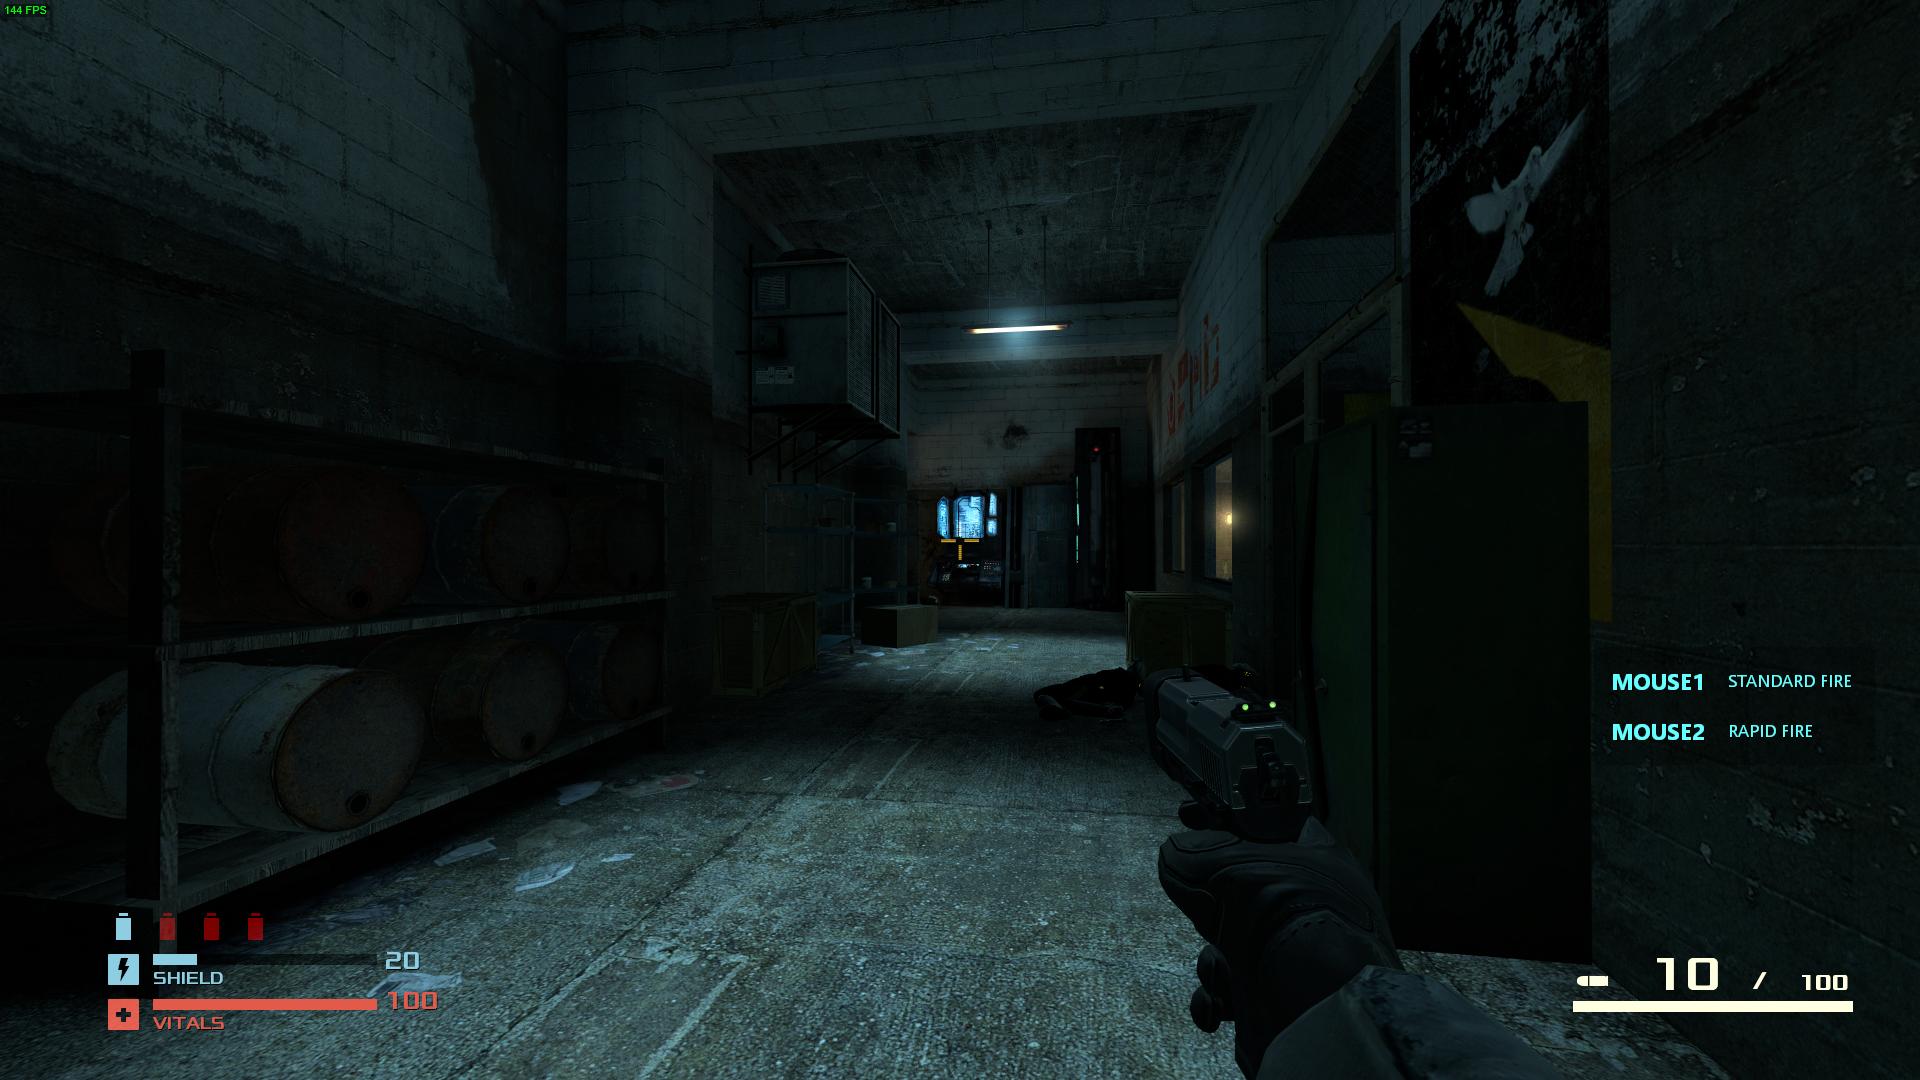 securityroom3.png